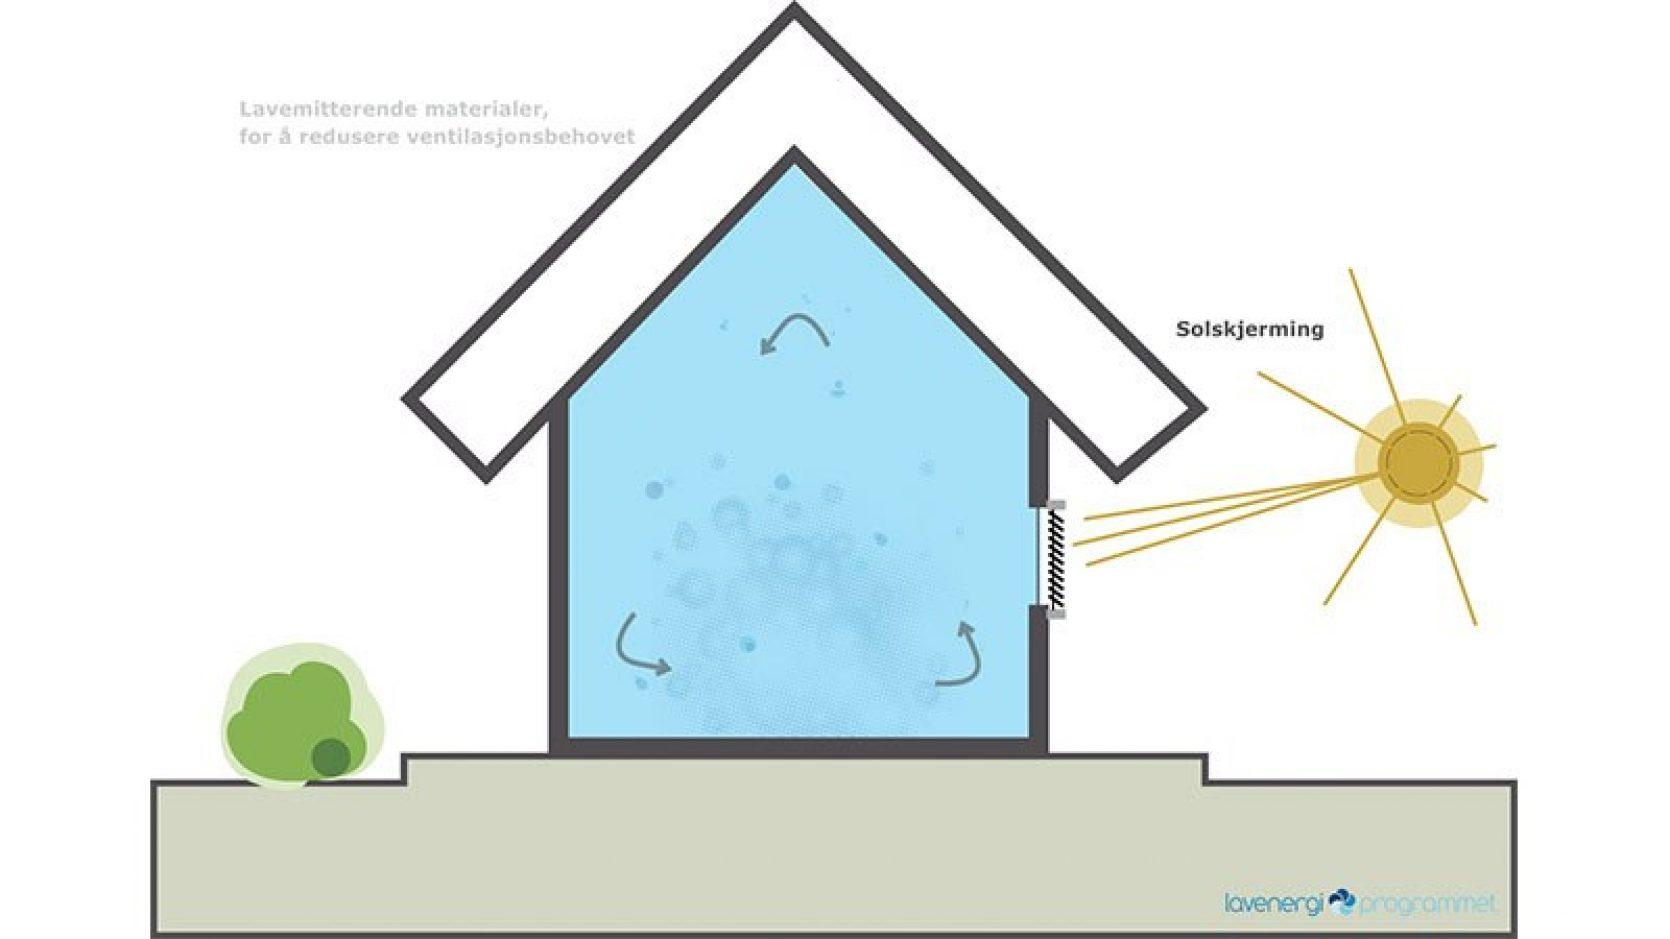 Illustrasjon som viser hvordan solskjerming fungerer.